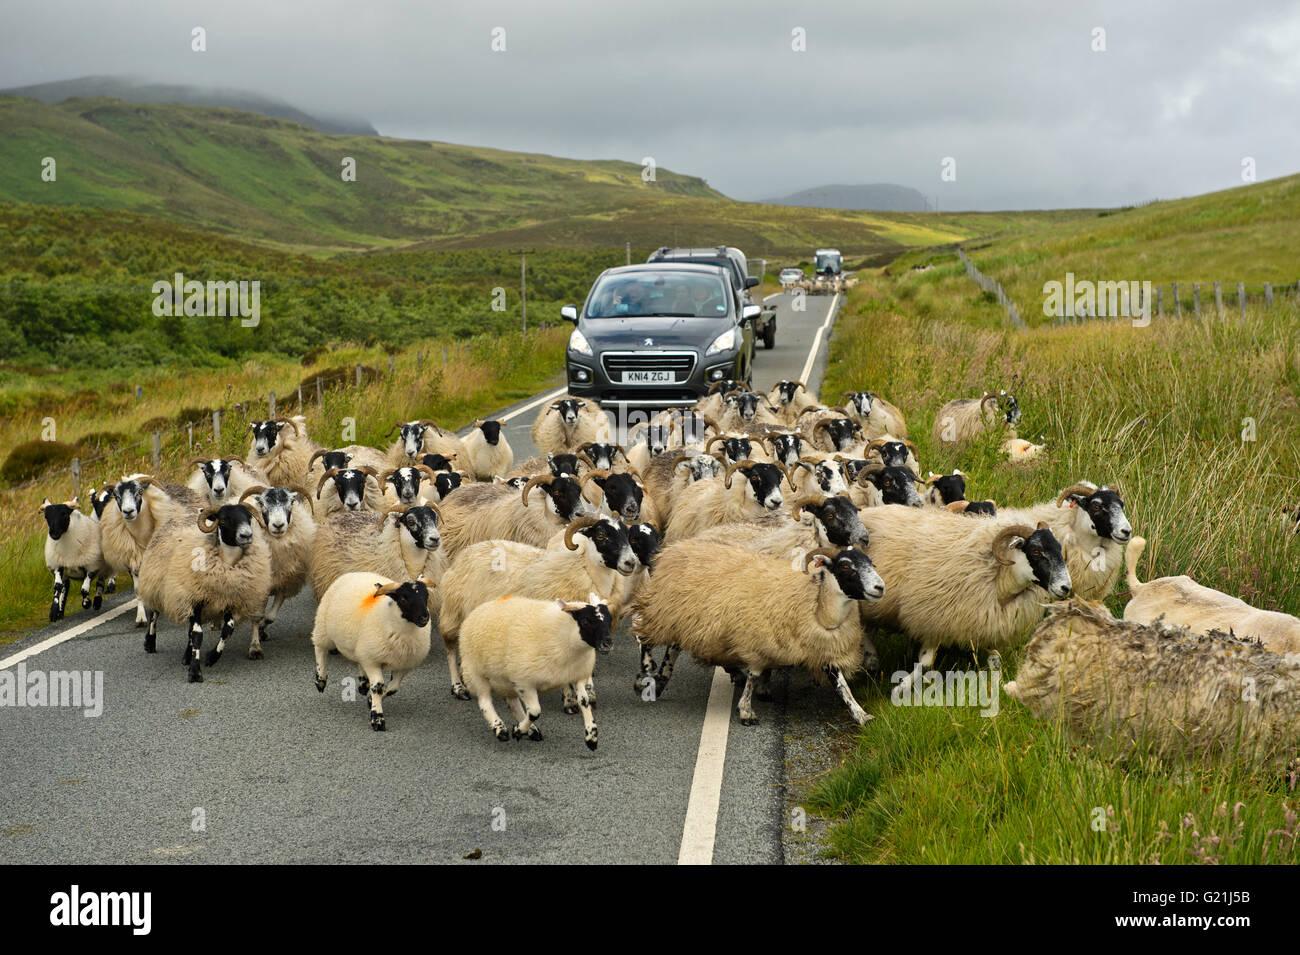 Manada de Scottish Blackface ovejas bloqueando el tráfico en un estrecho camino campestre, Isla de Skye, Escocia, Imagen De Stock